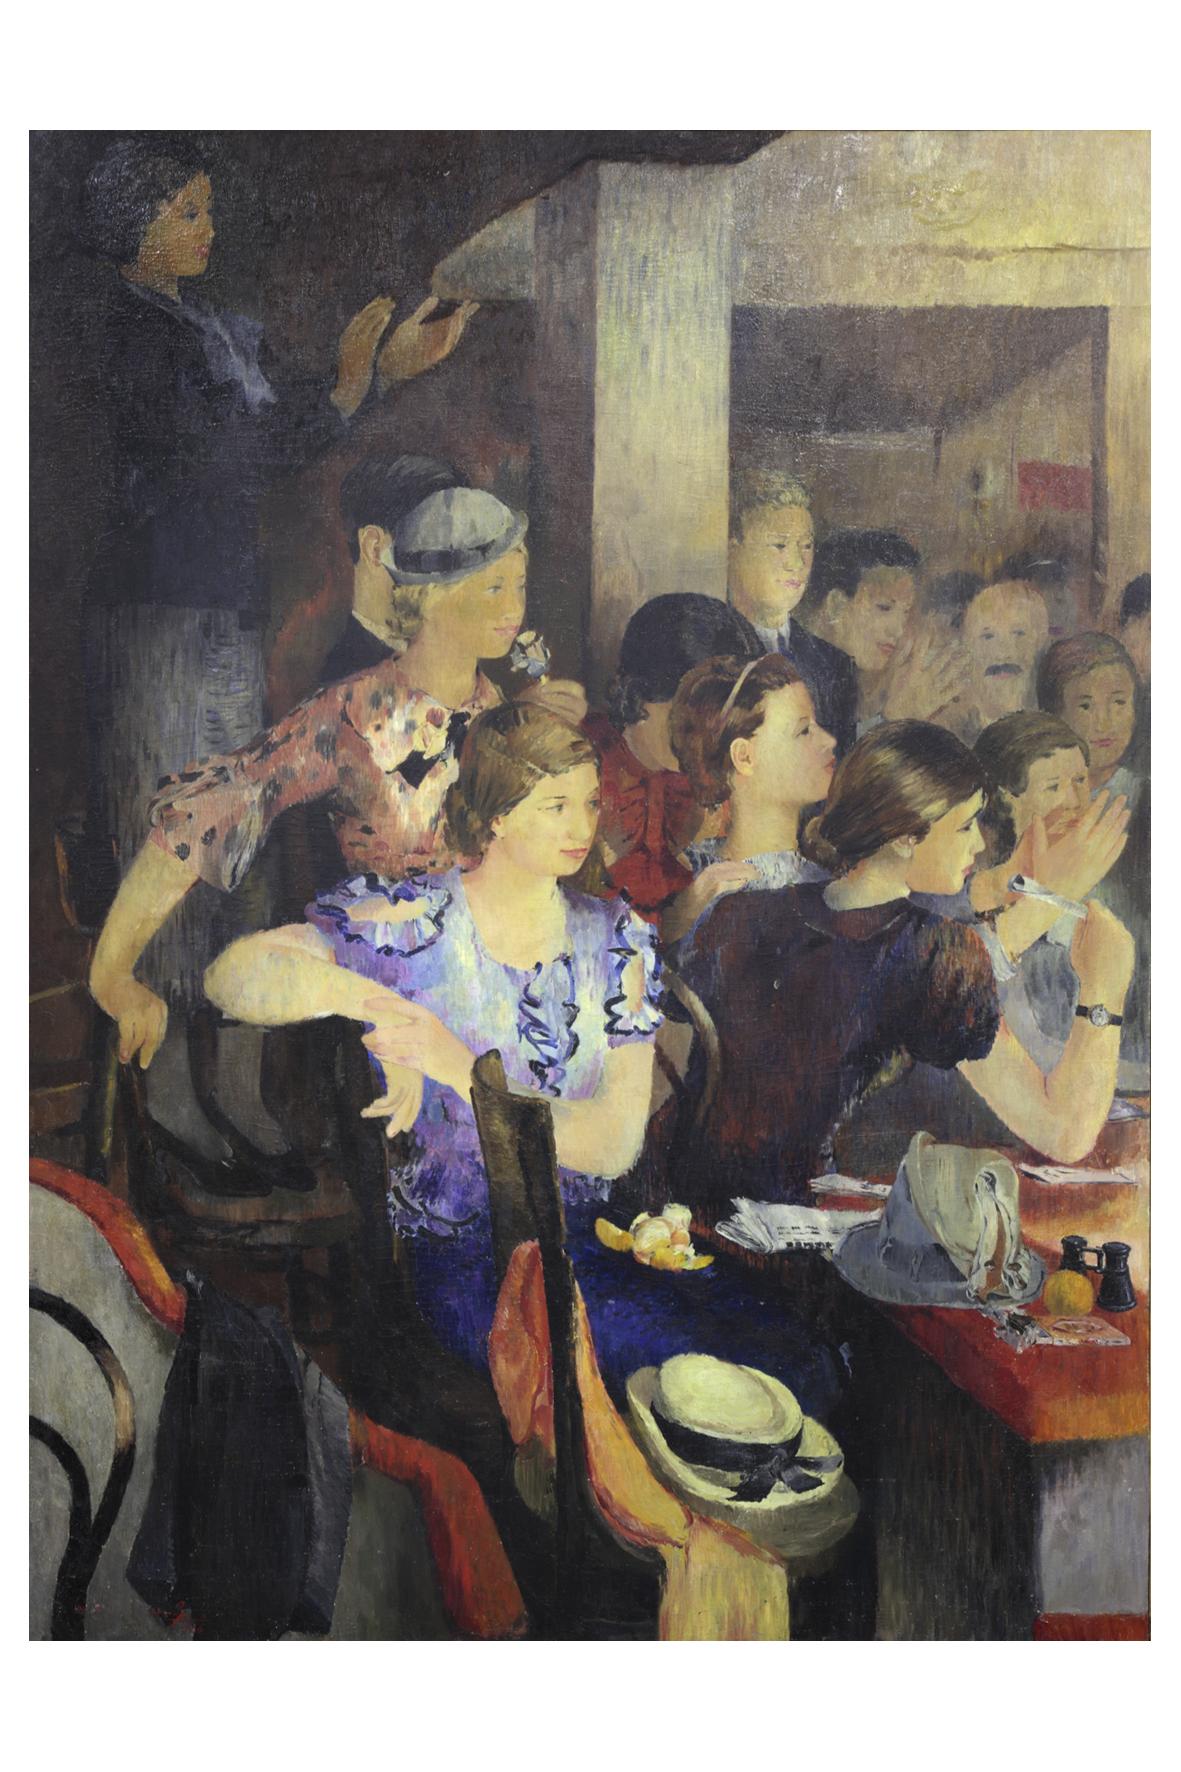 Yuri Pimenov, 'In a Theatre,' 218 x 167cm.